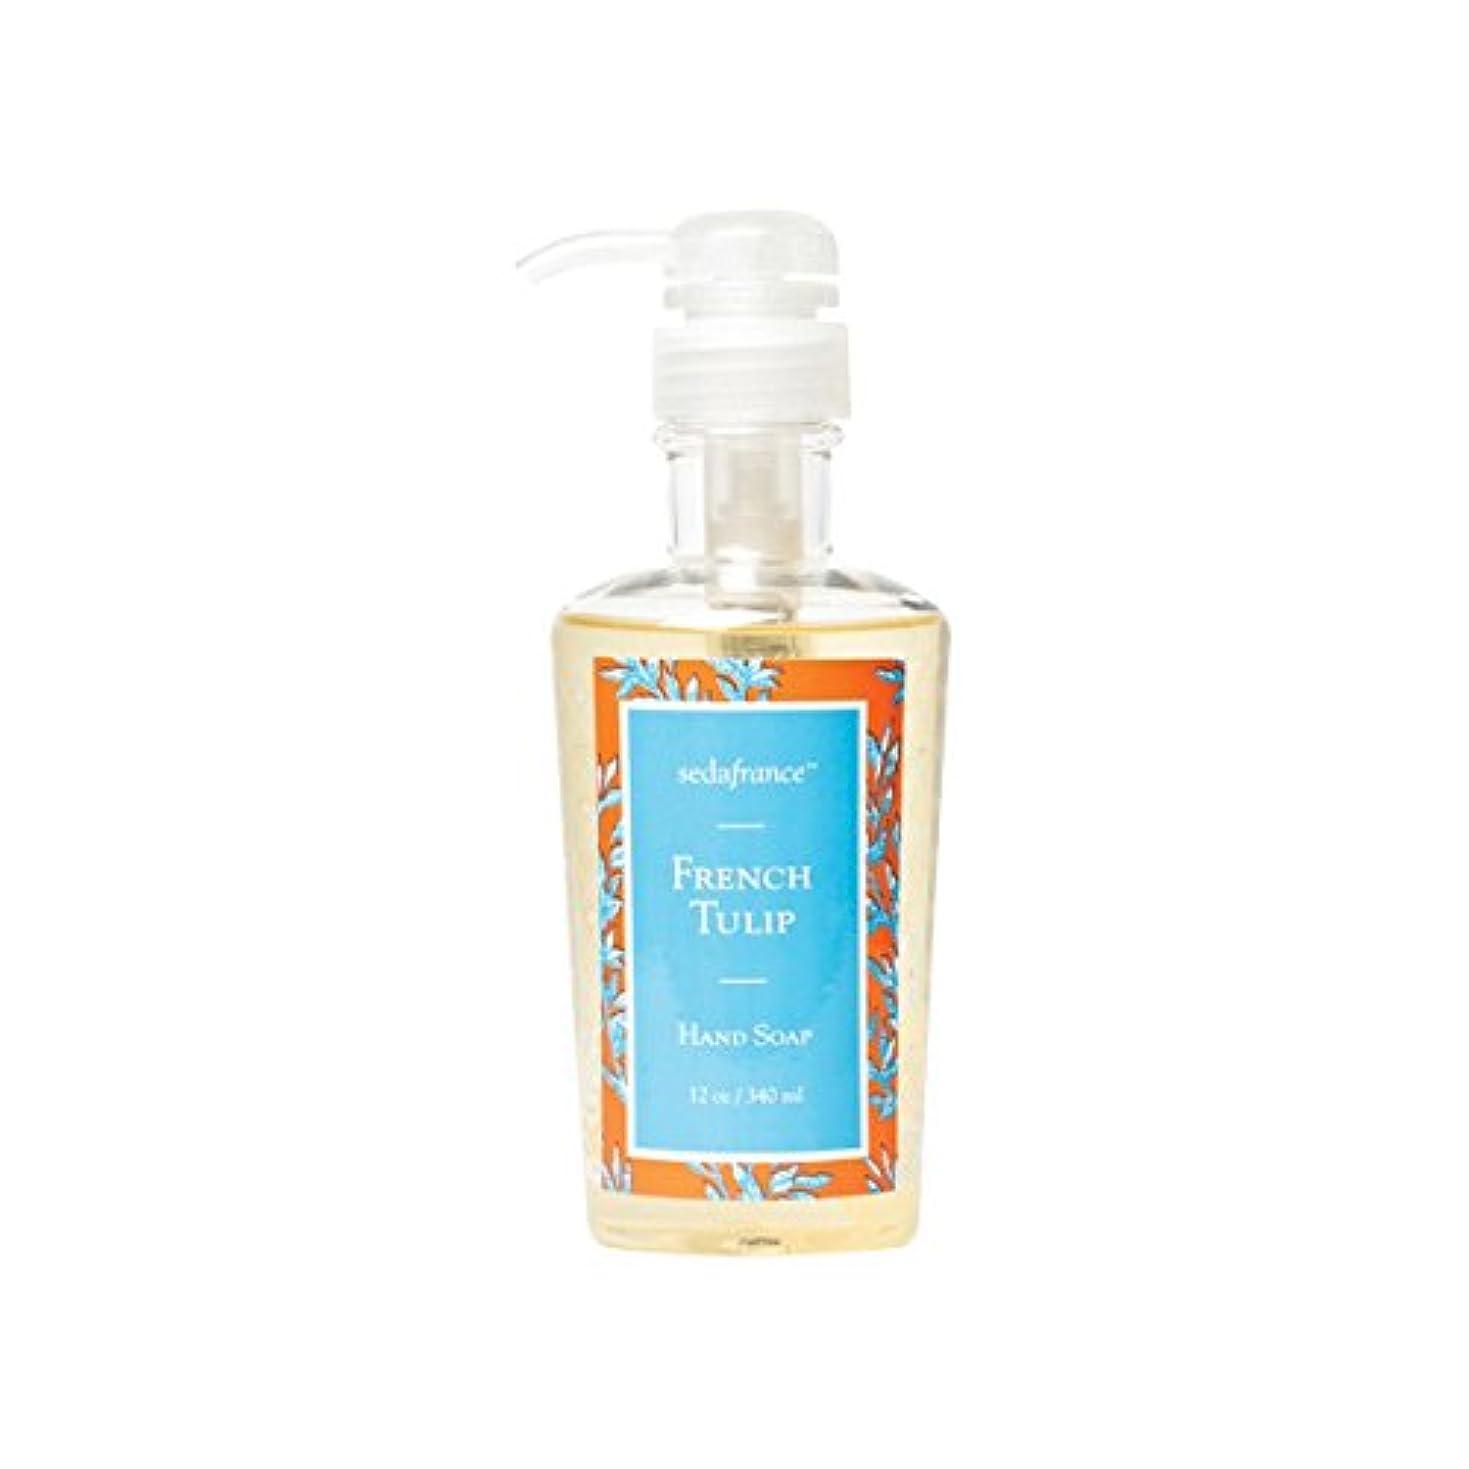 累計可能にする持続的Classic Toile French Tulip Liquid Hand Soap by Seda France